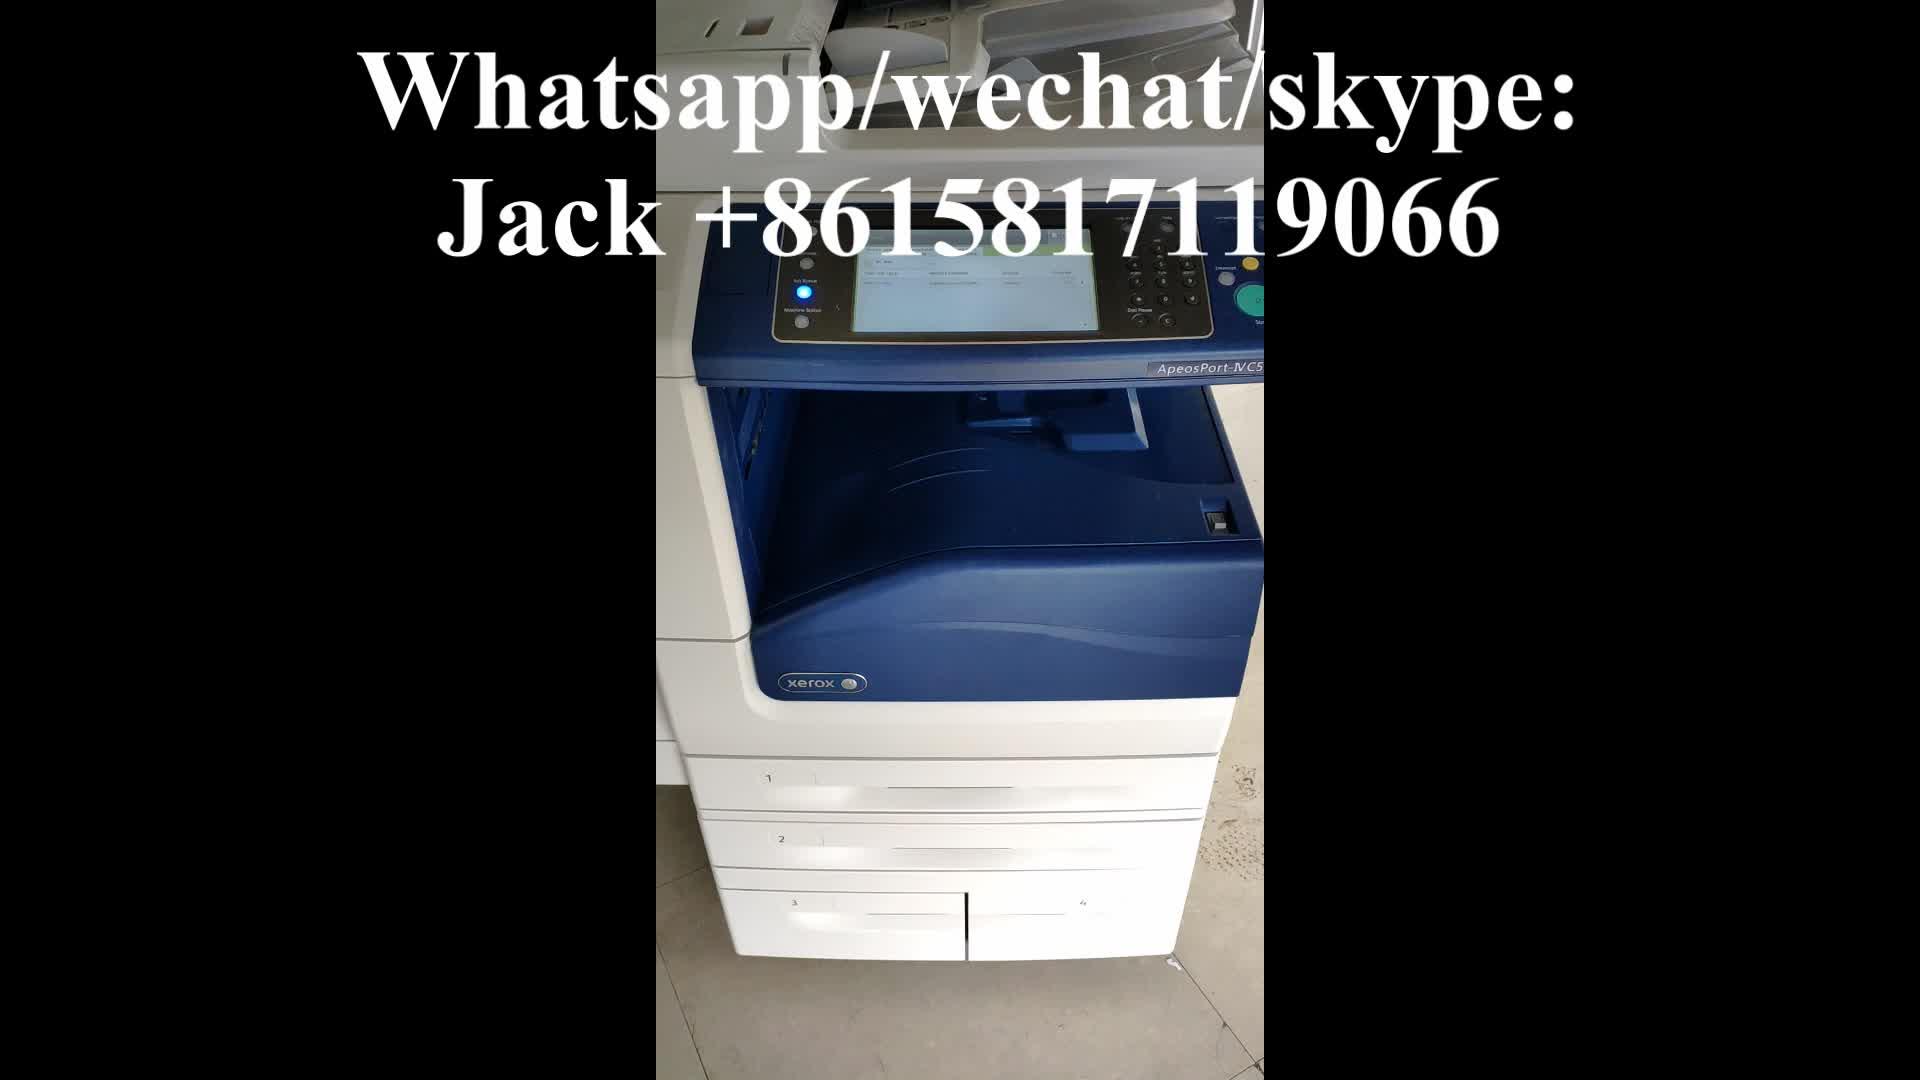 XEROXs C3370/C5570 fotokopie machine op verkoop